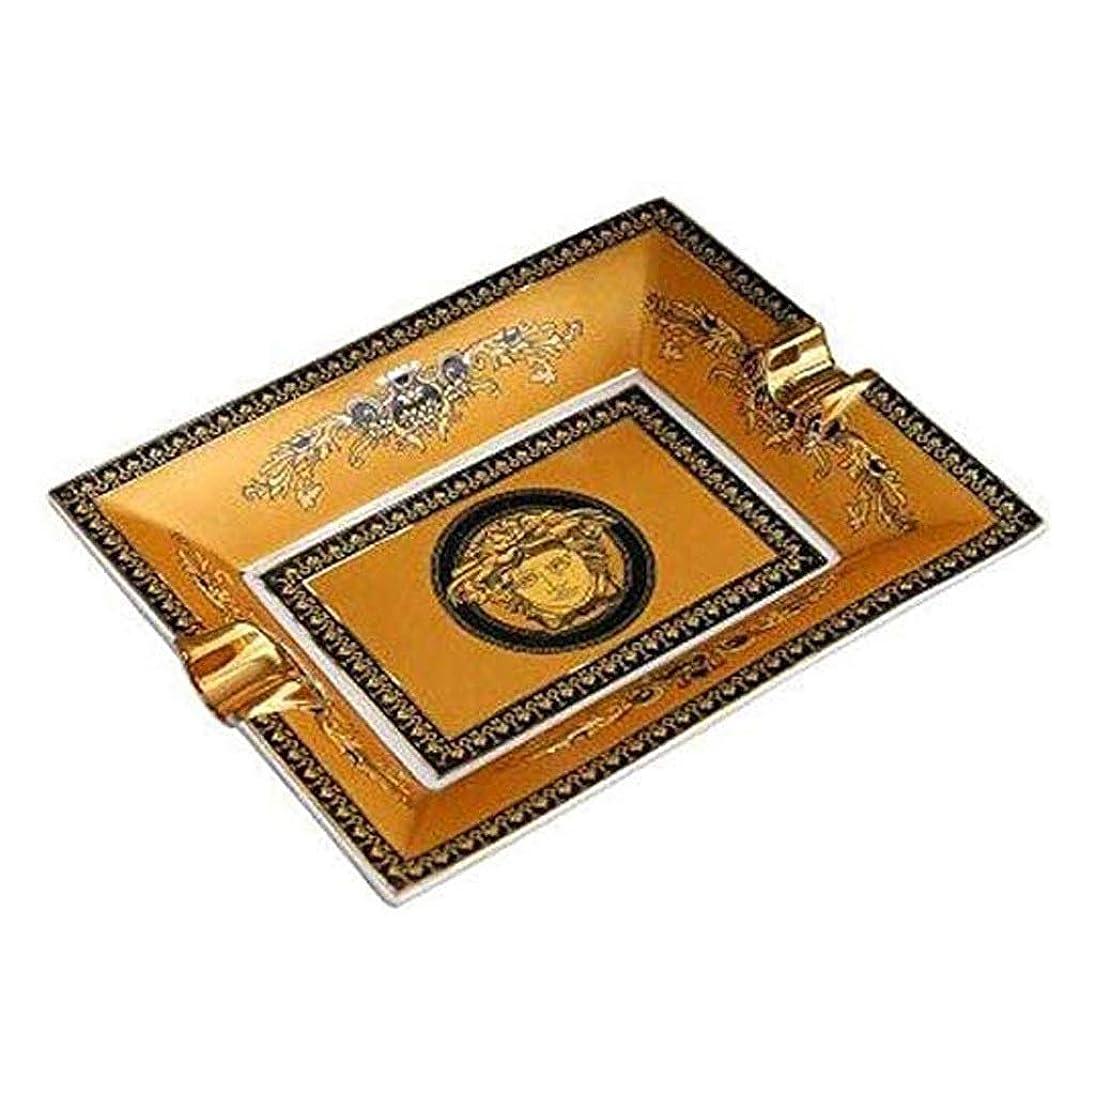 条約シンジケート病的TWDYC セラミック灰皿携帯灰皿葉巻、ホームテーブルデスクアクセサリーインテリアギフトホルダー